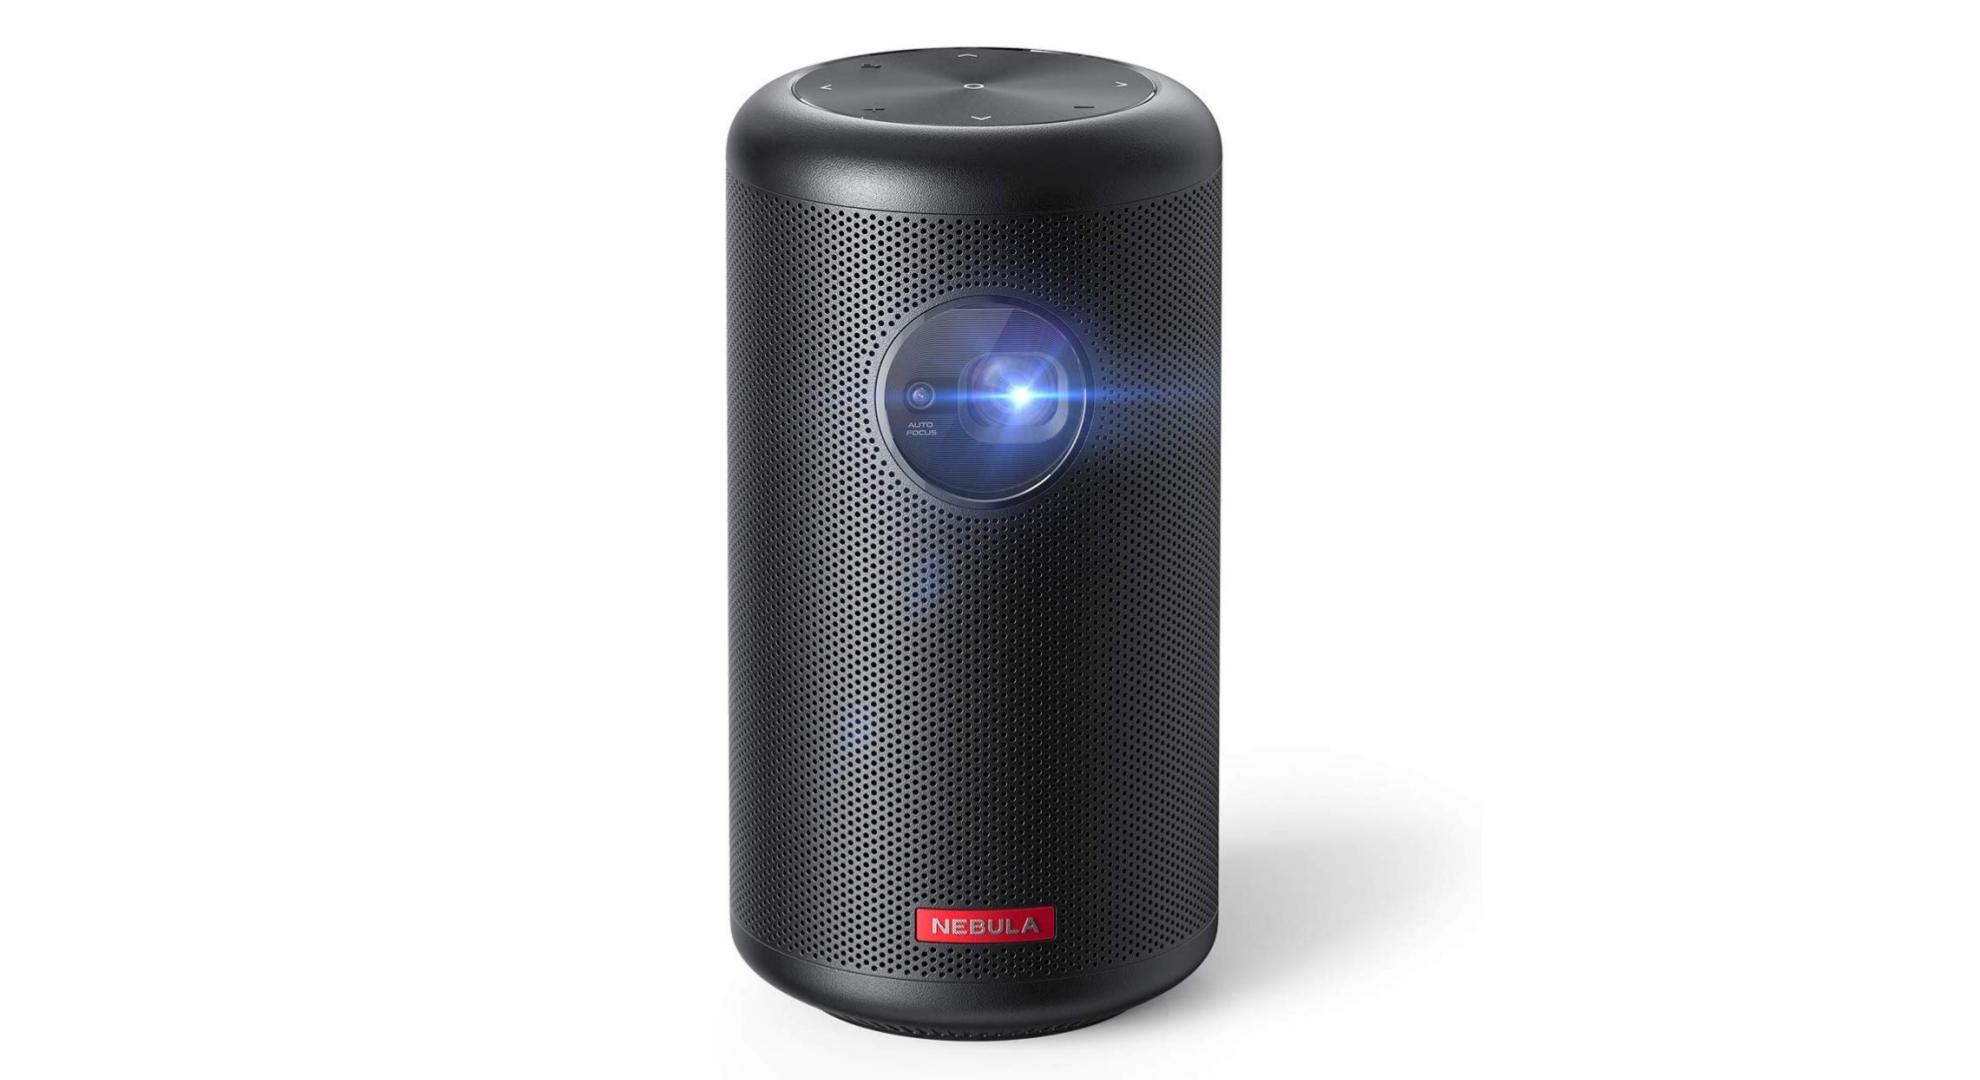 Nebula Capsule Max : le projecteur de la taille d'une canette de soda est en promotion